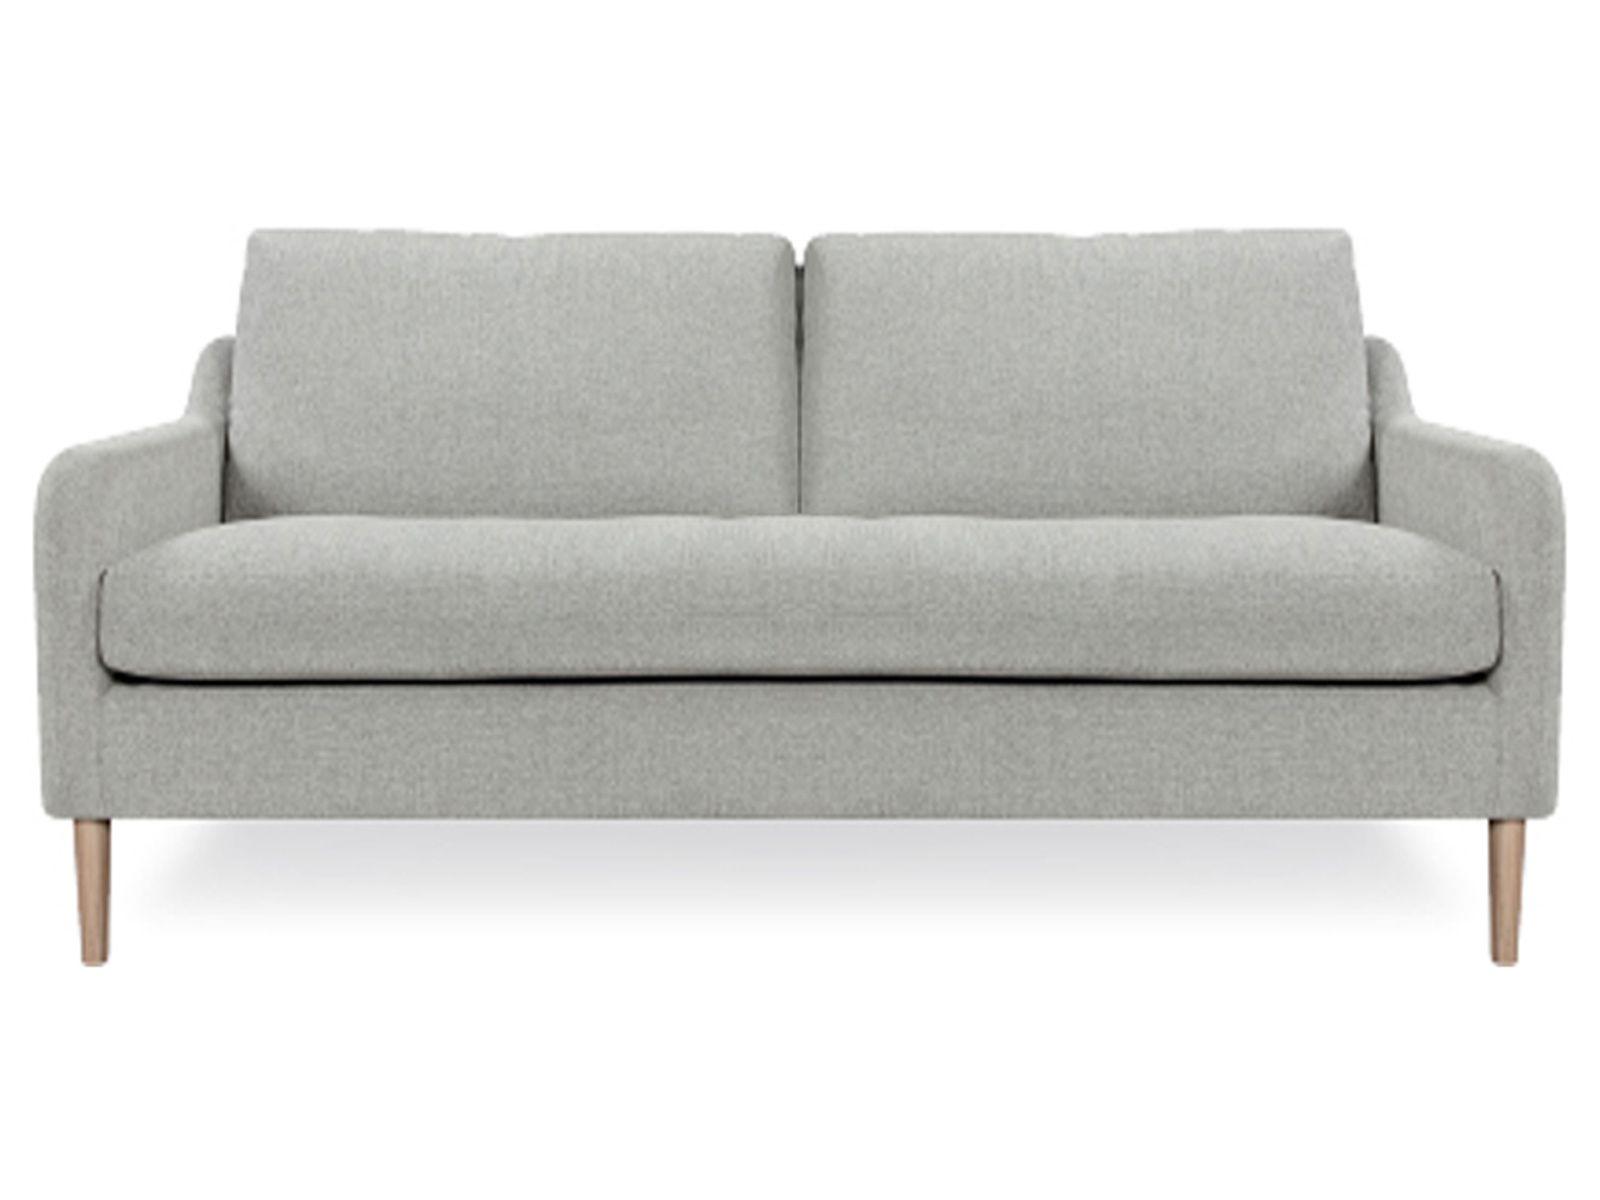 Canapé Ikea Convertible 2 Places sélection canapé élégant retro vintage club tissu ou cuir